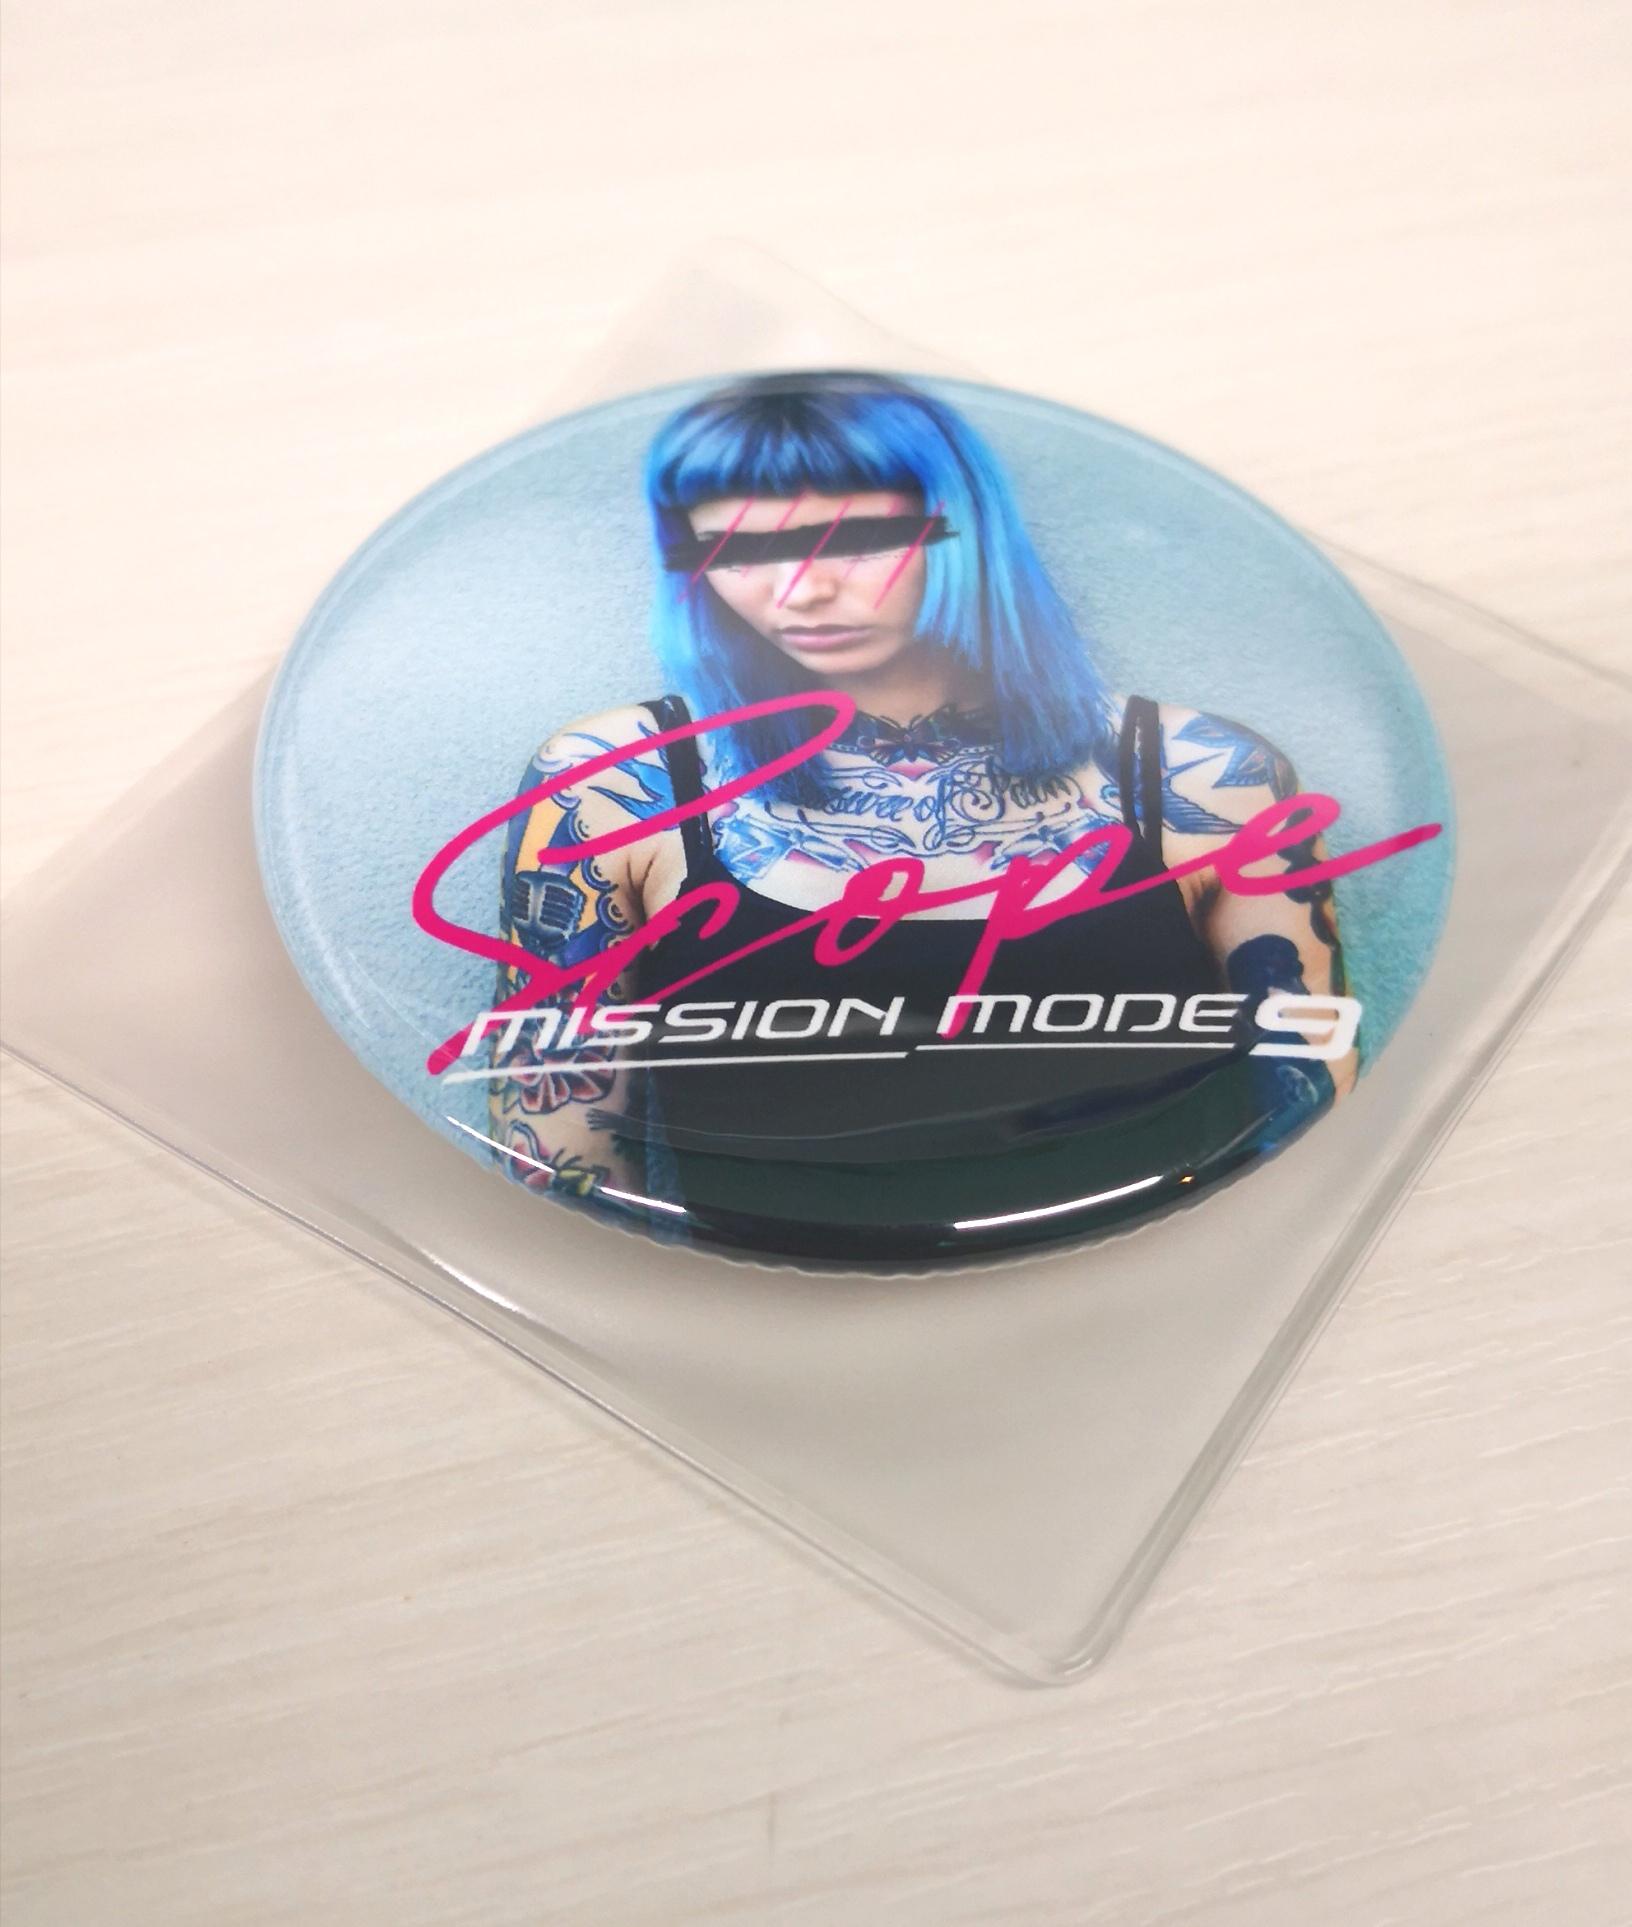 nu mini album【Scope】の初回特典あります! ※数量制限有り